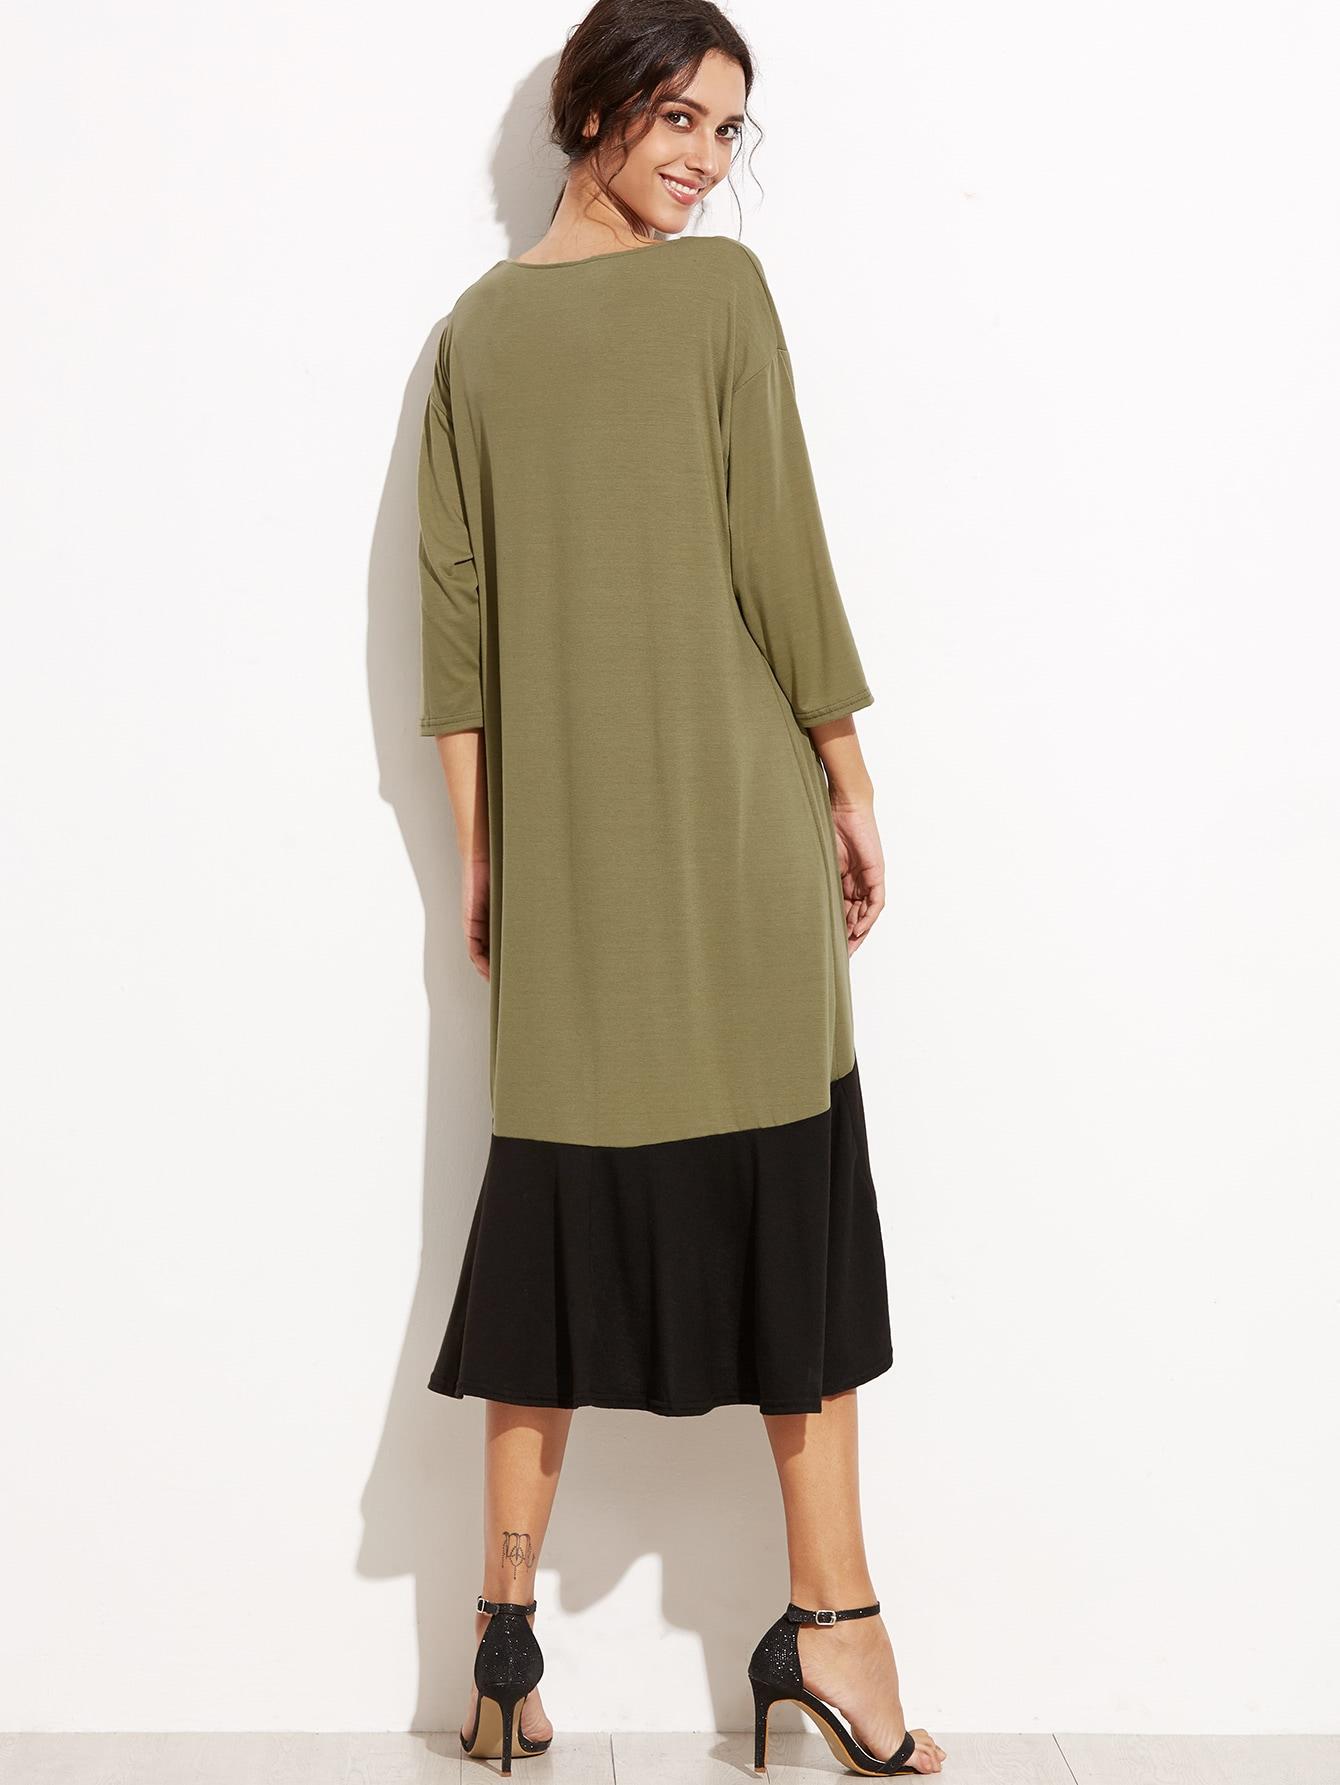 dress160901102_2